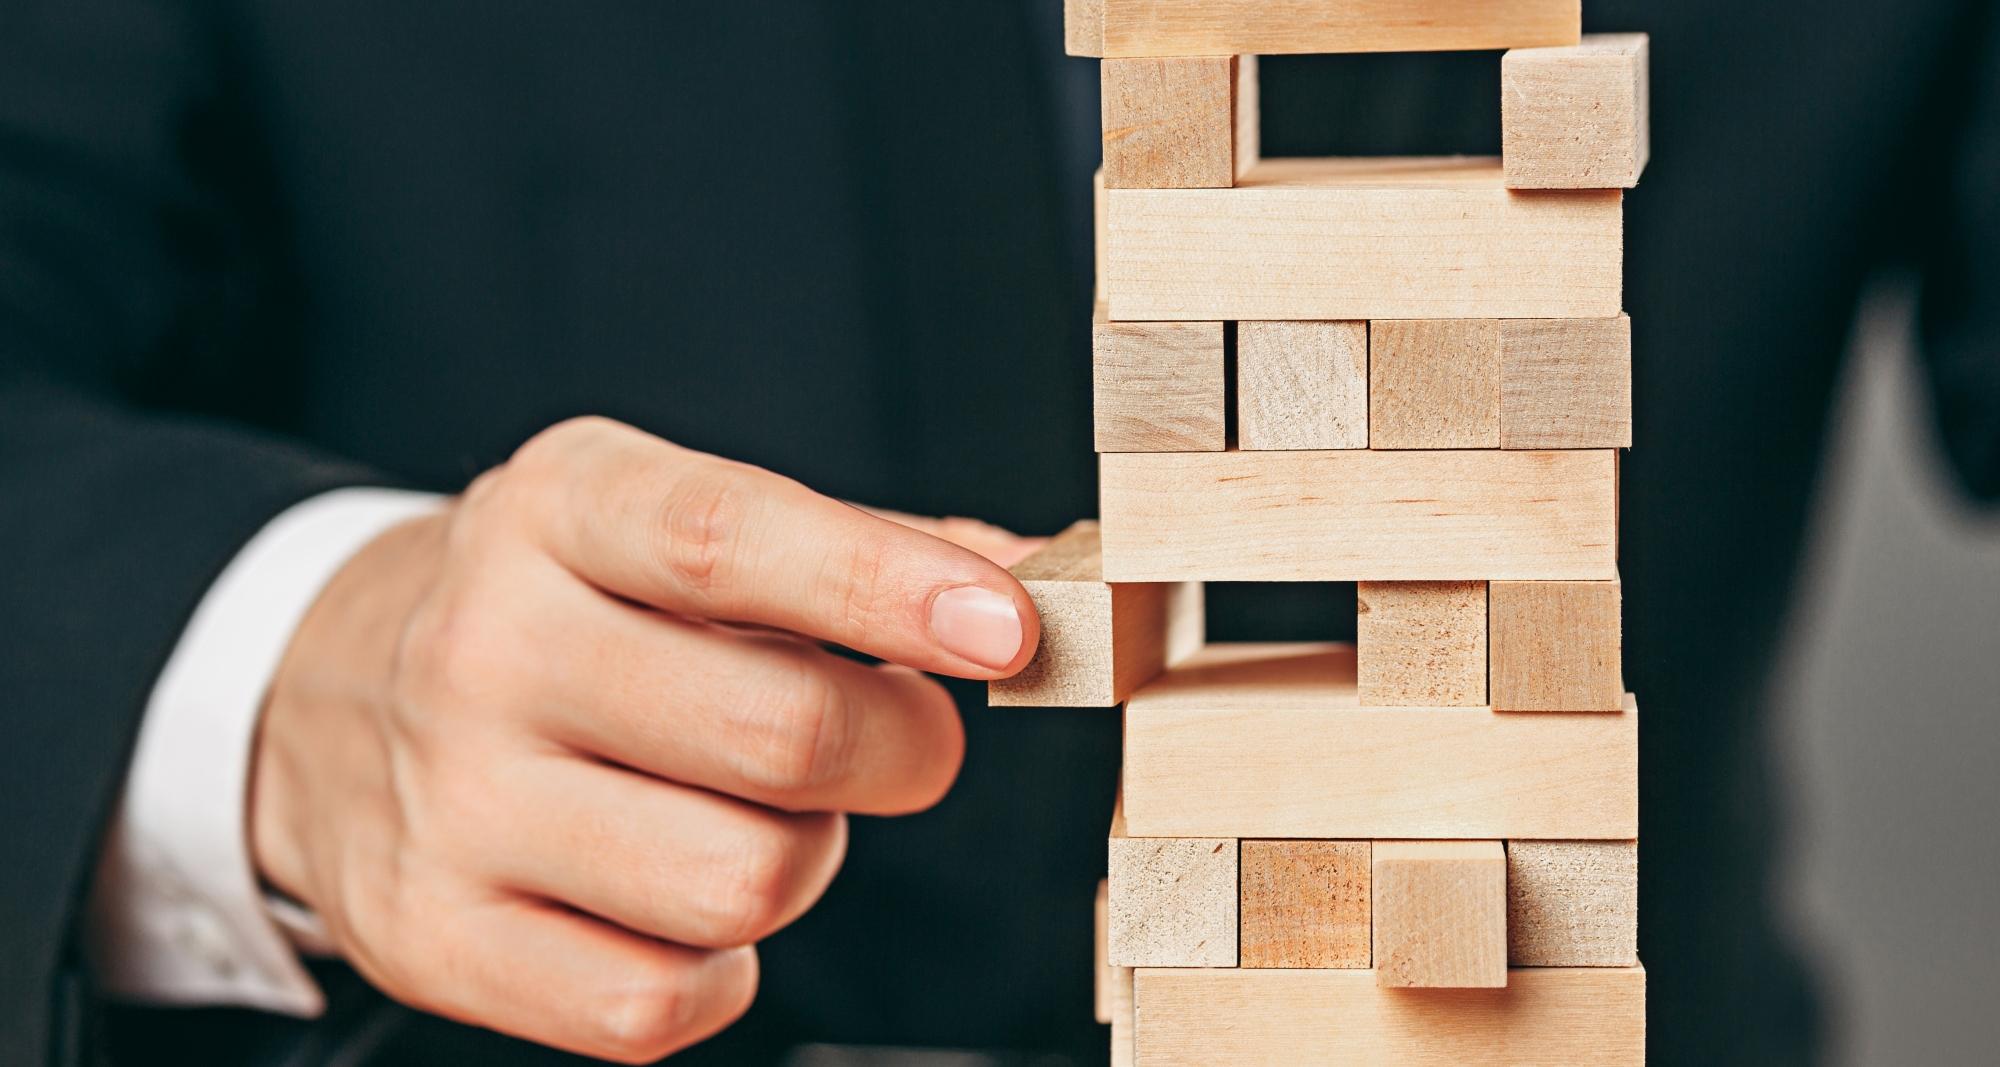 rizik poslovanja, rizici poslovanja, softver za upravljanje dokumentima